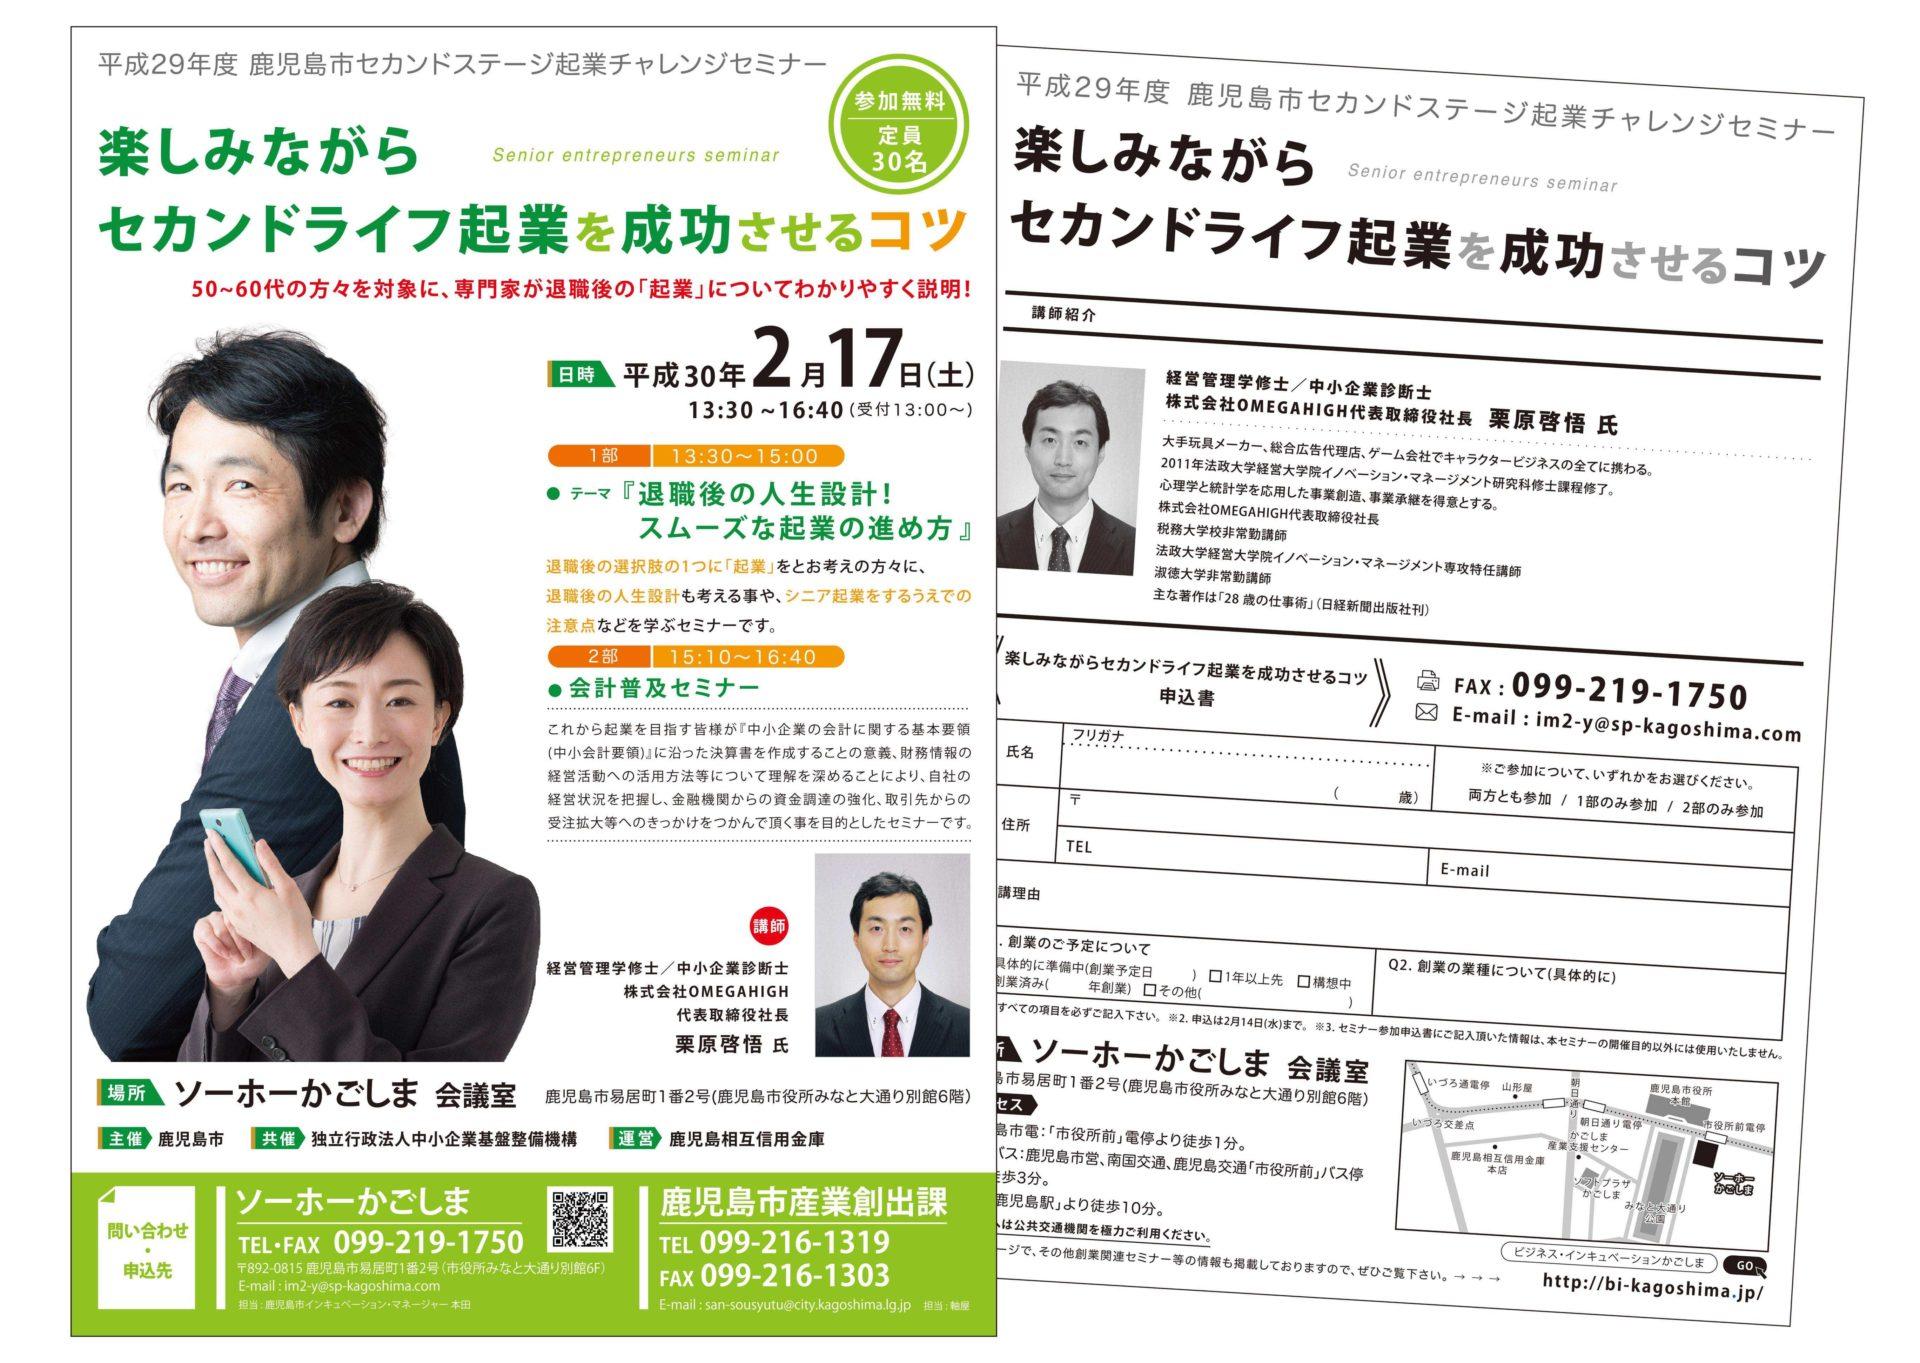 ビジネスセミナー リーフレット・広告デザイン